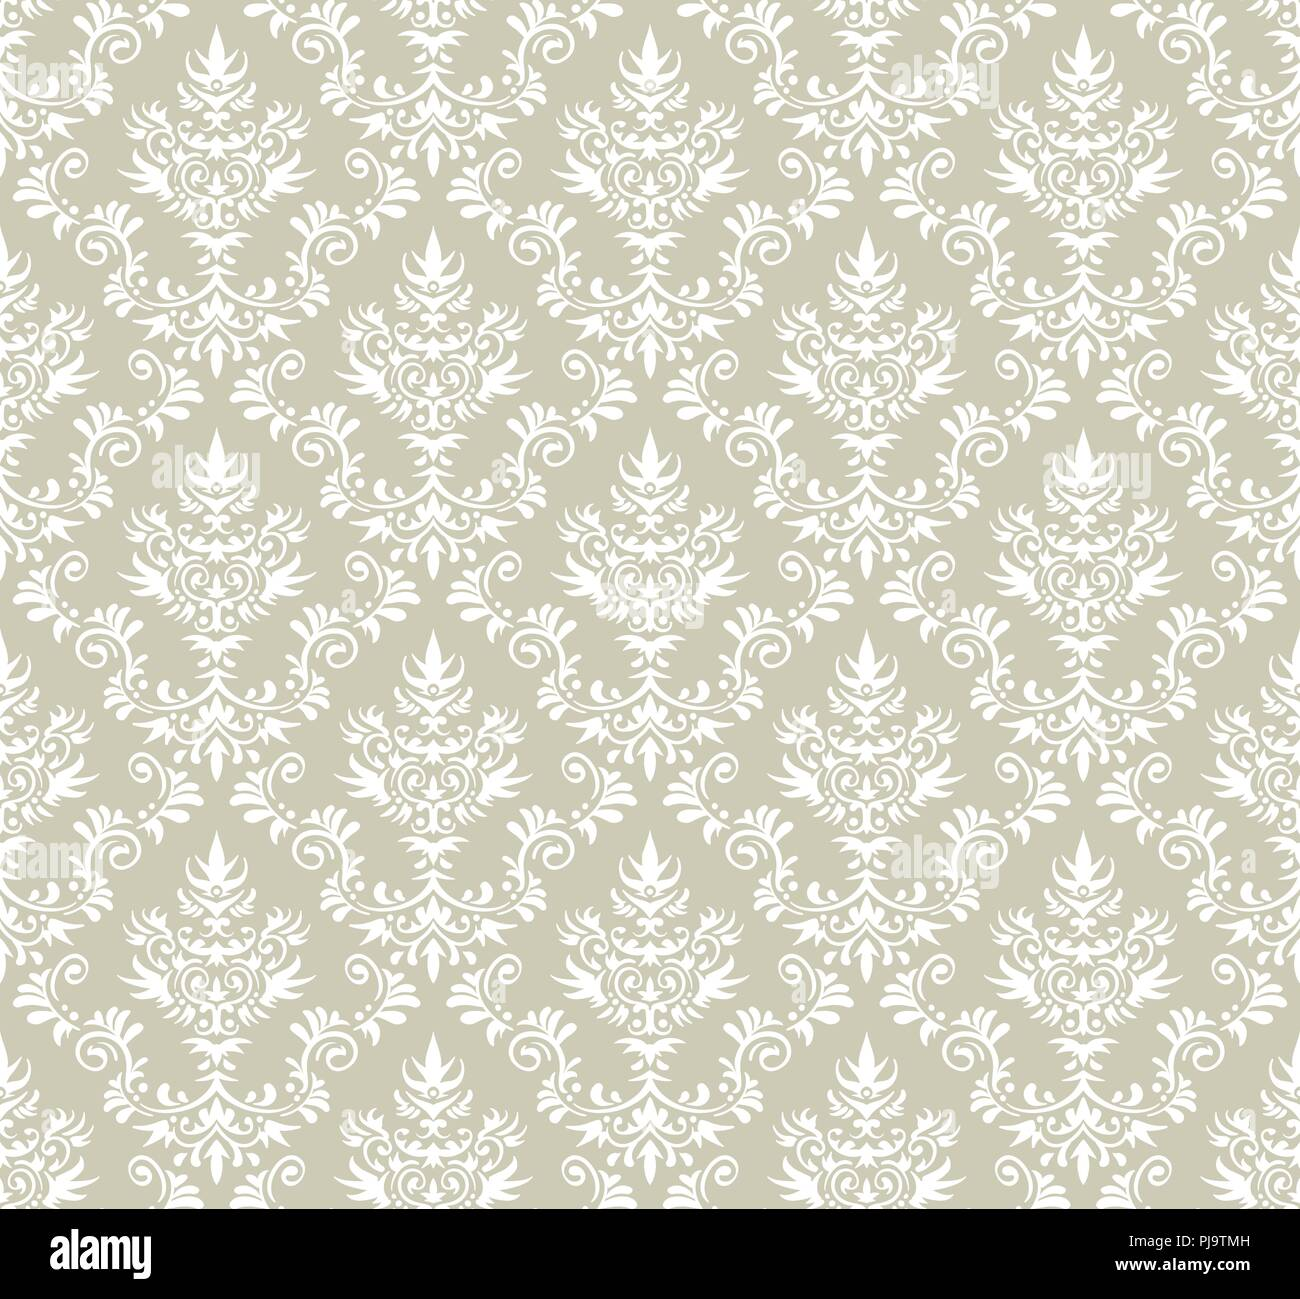 Il vecchio stile carta da parati damascata. Vettore senza giunture floreali. Immagini Stock